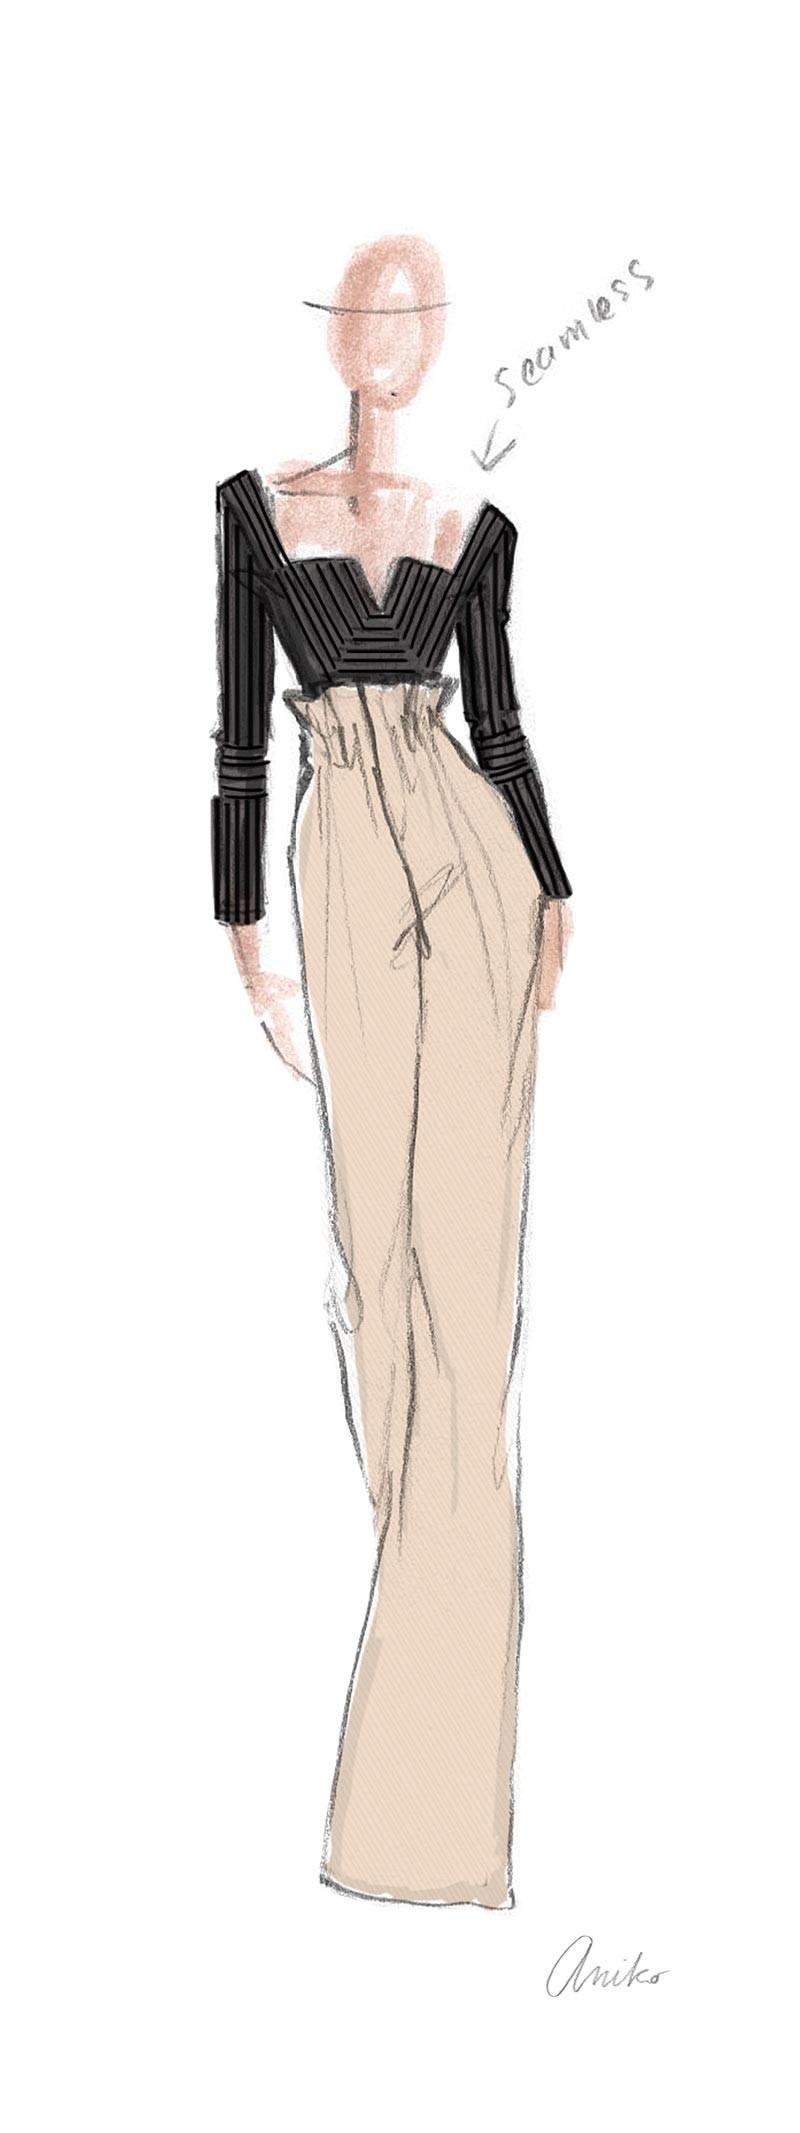 Margot Sketch